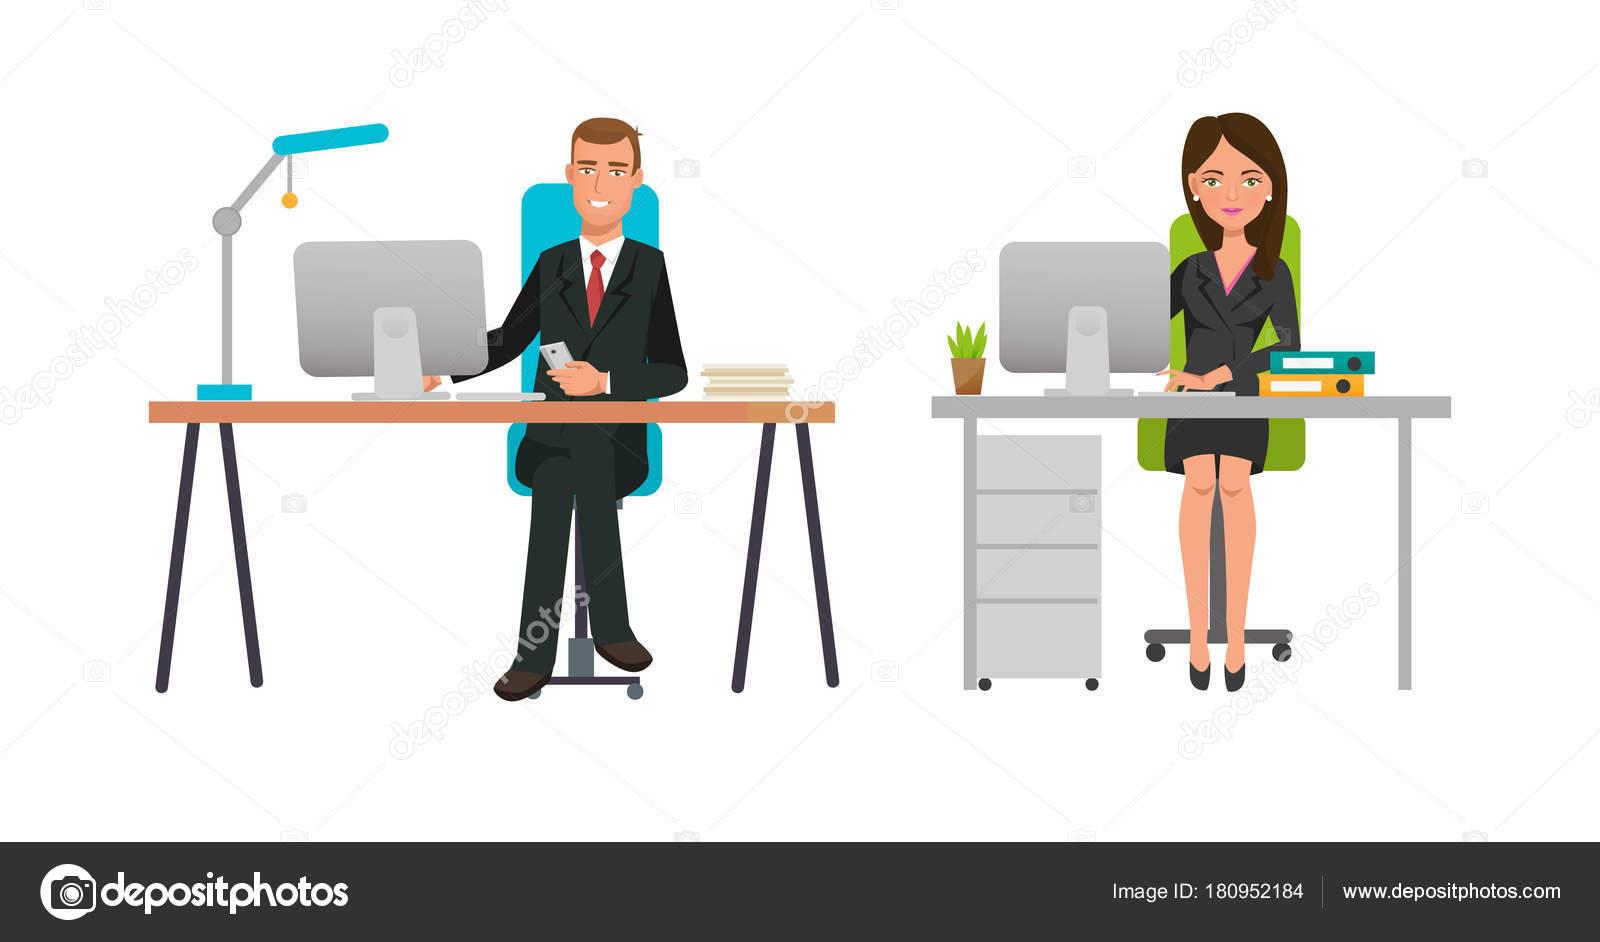 Fantastisch Geschäft Cartoon Charakter Berufstätige Im Büro Schrank. Büroangestellte,  Partner, Freut Sich über Erfolg, Arbeiten Hinter Schreibtisch Bürotisch.